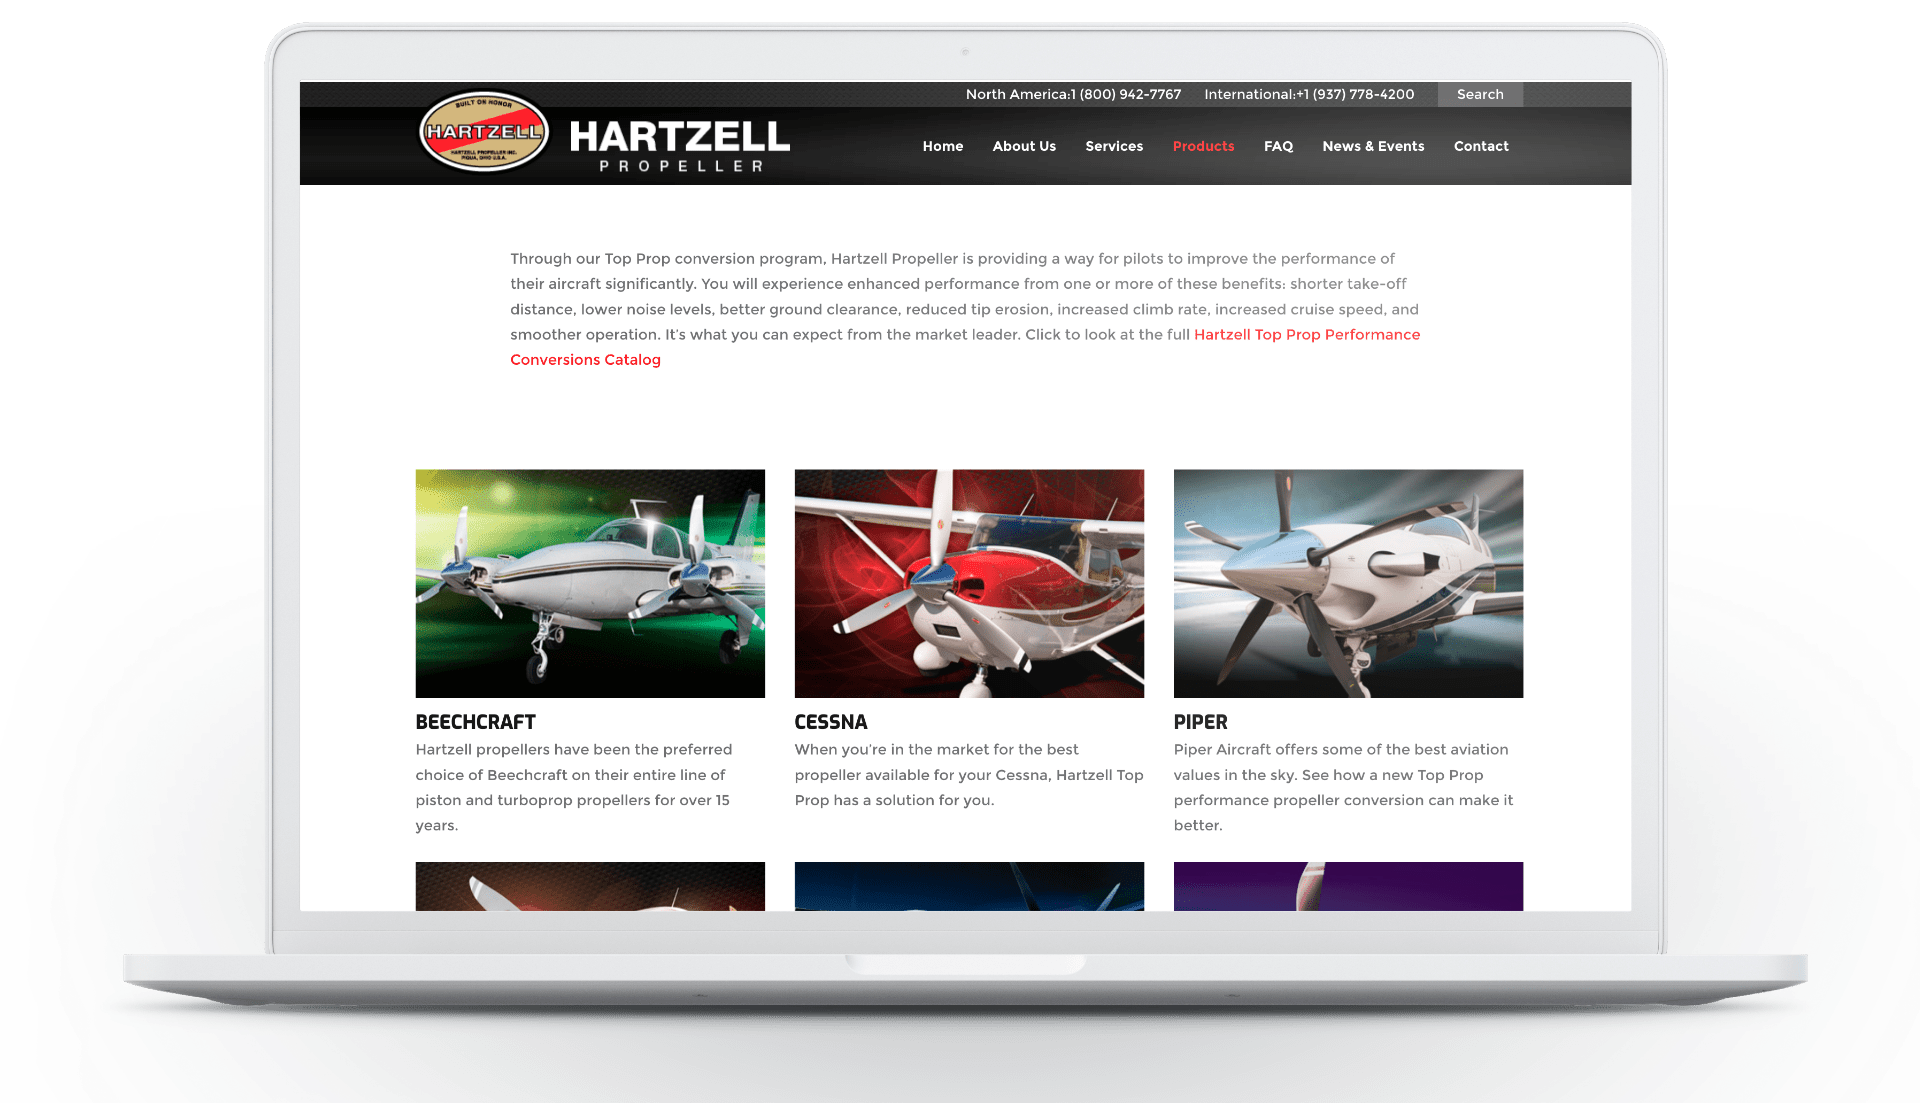 Screenshot of Hartzell Propeller website